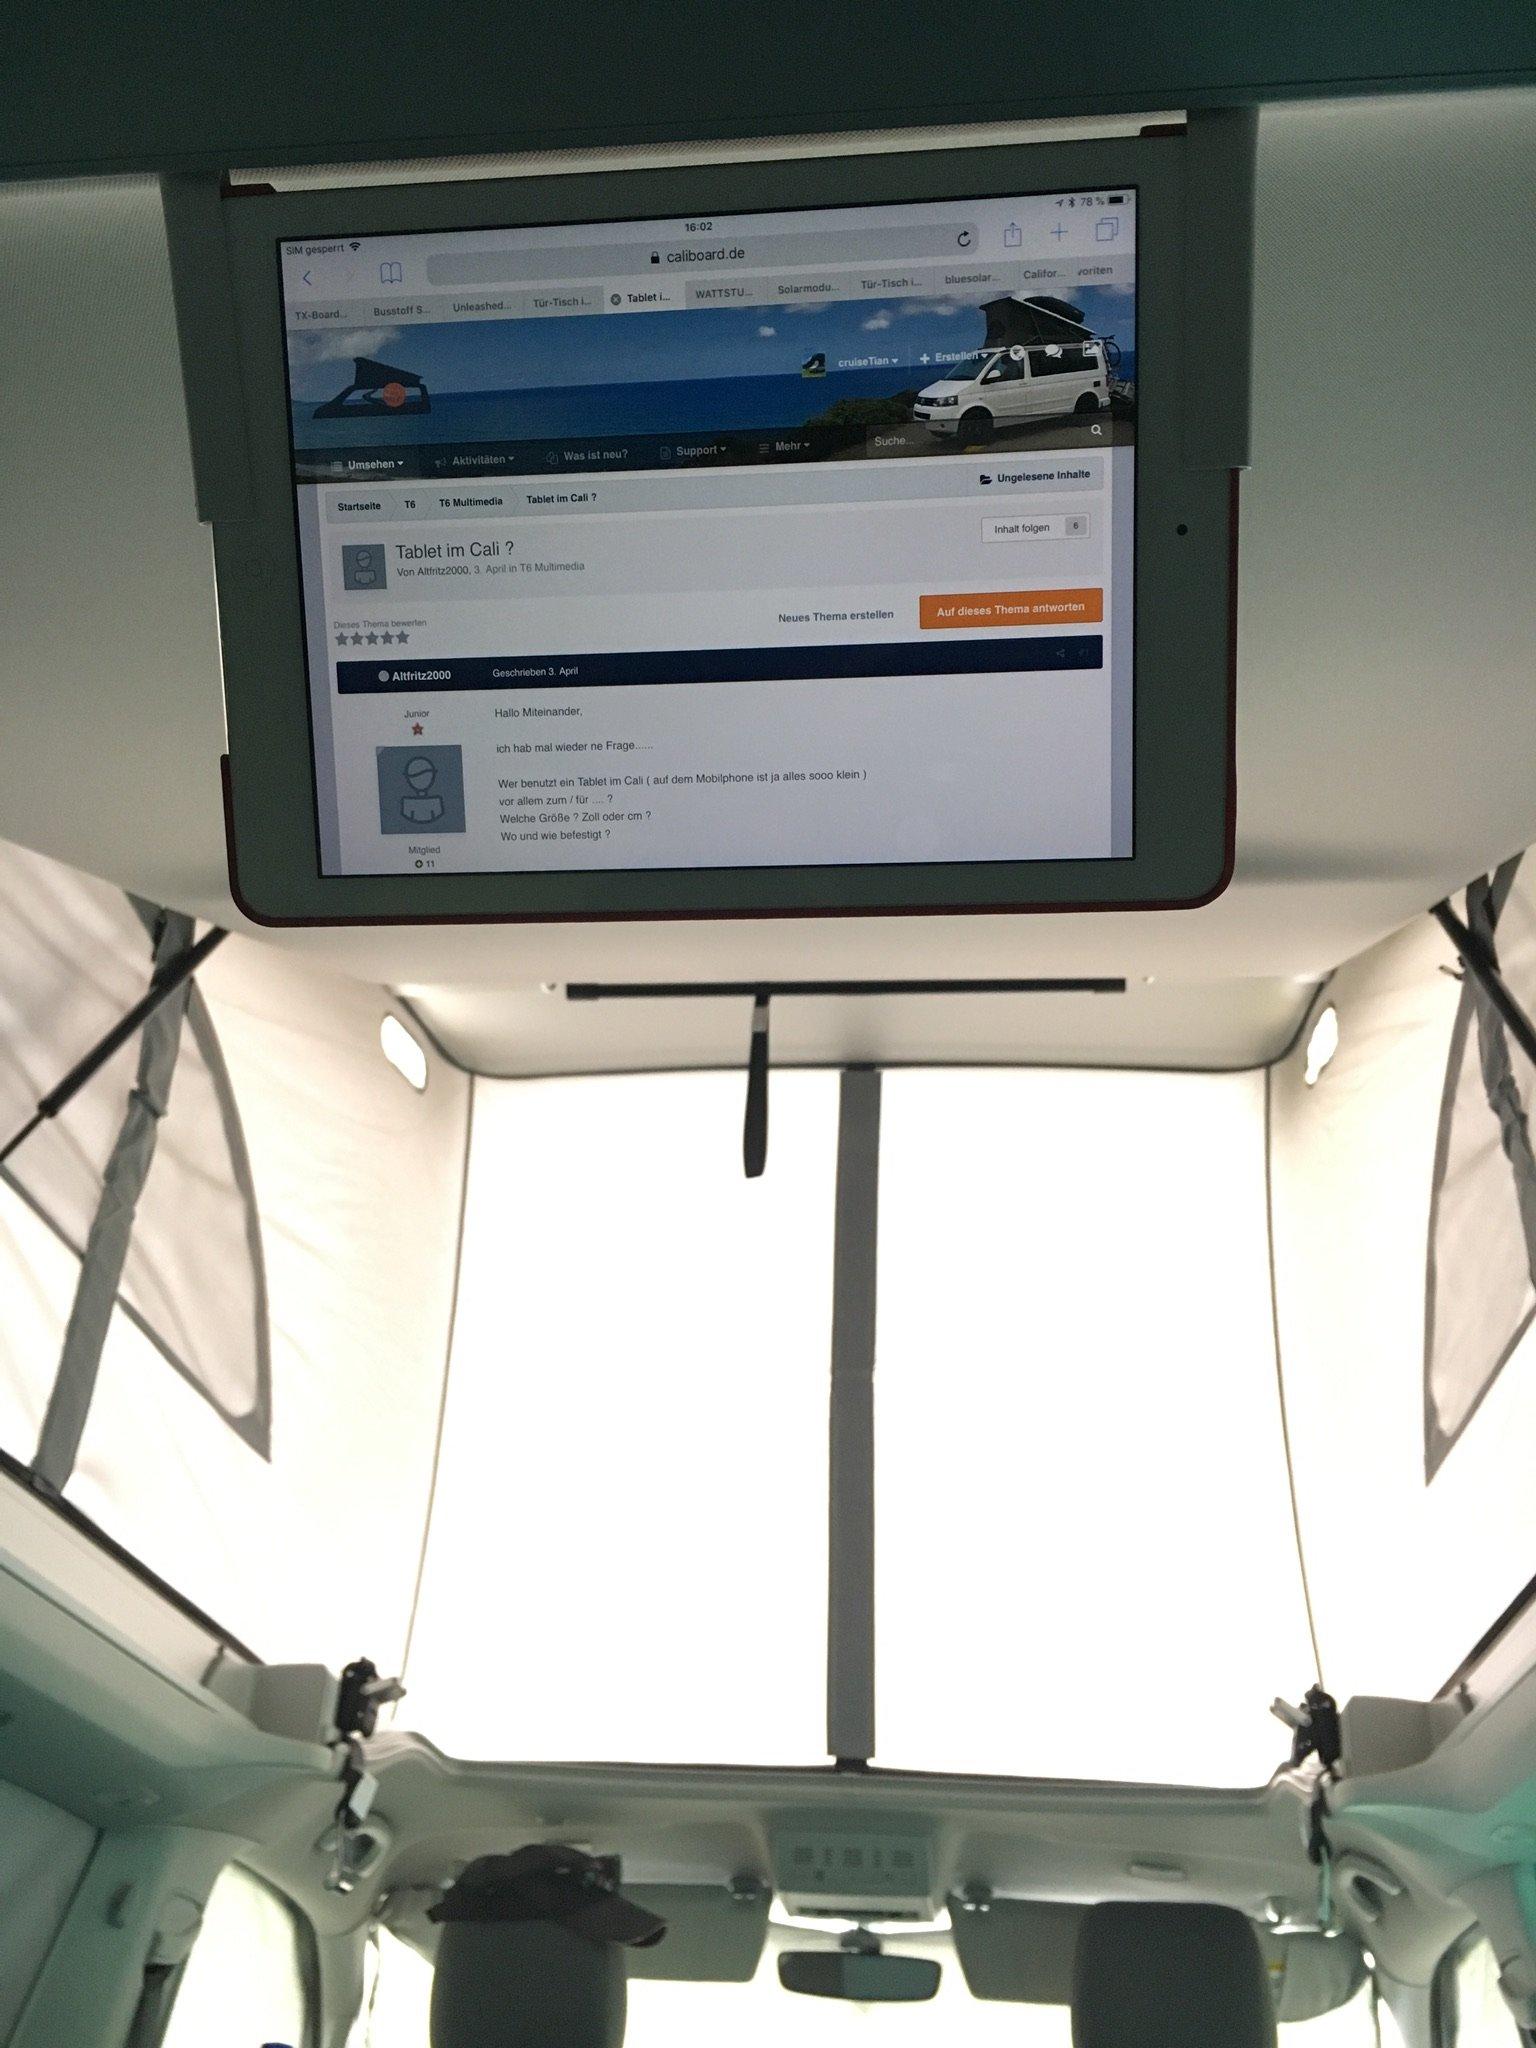 tablet im cali t6 multimedia die vw. Black Bedroom Furniture Sets. Home Design Ideas